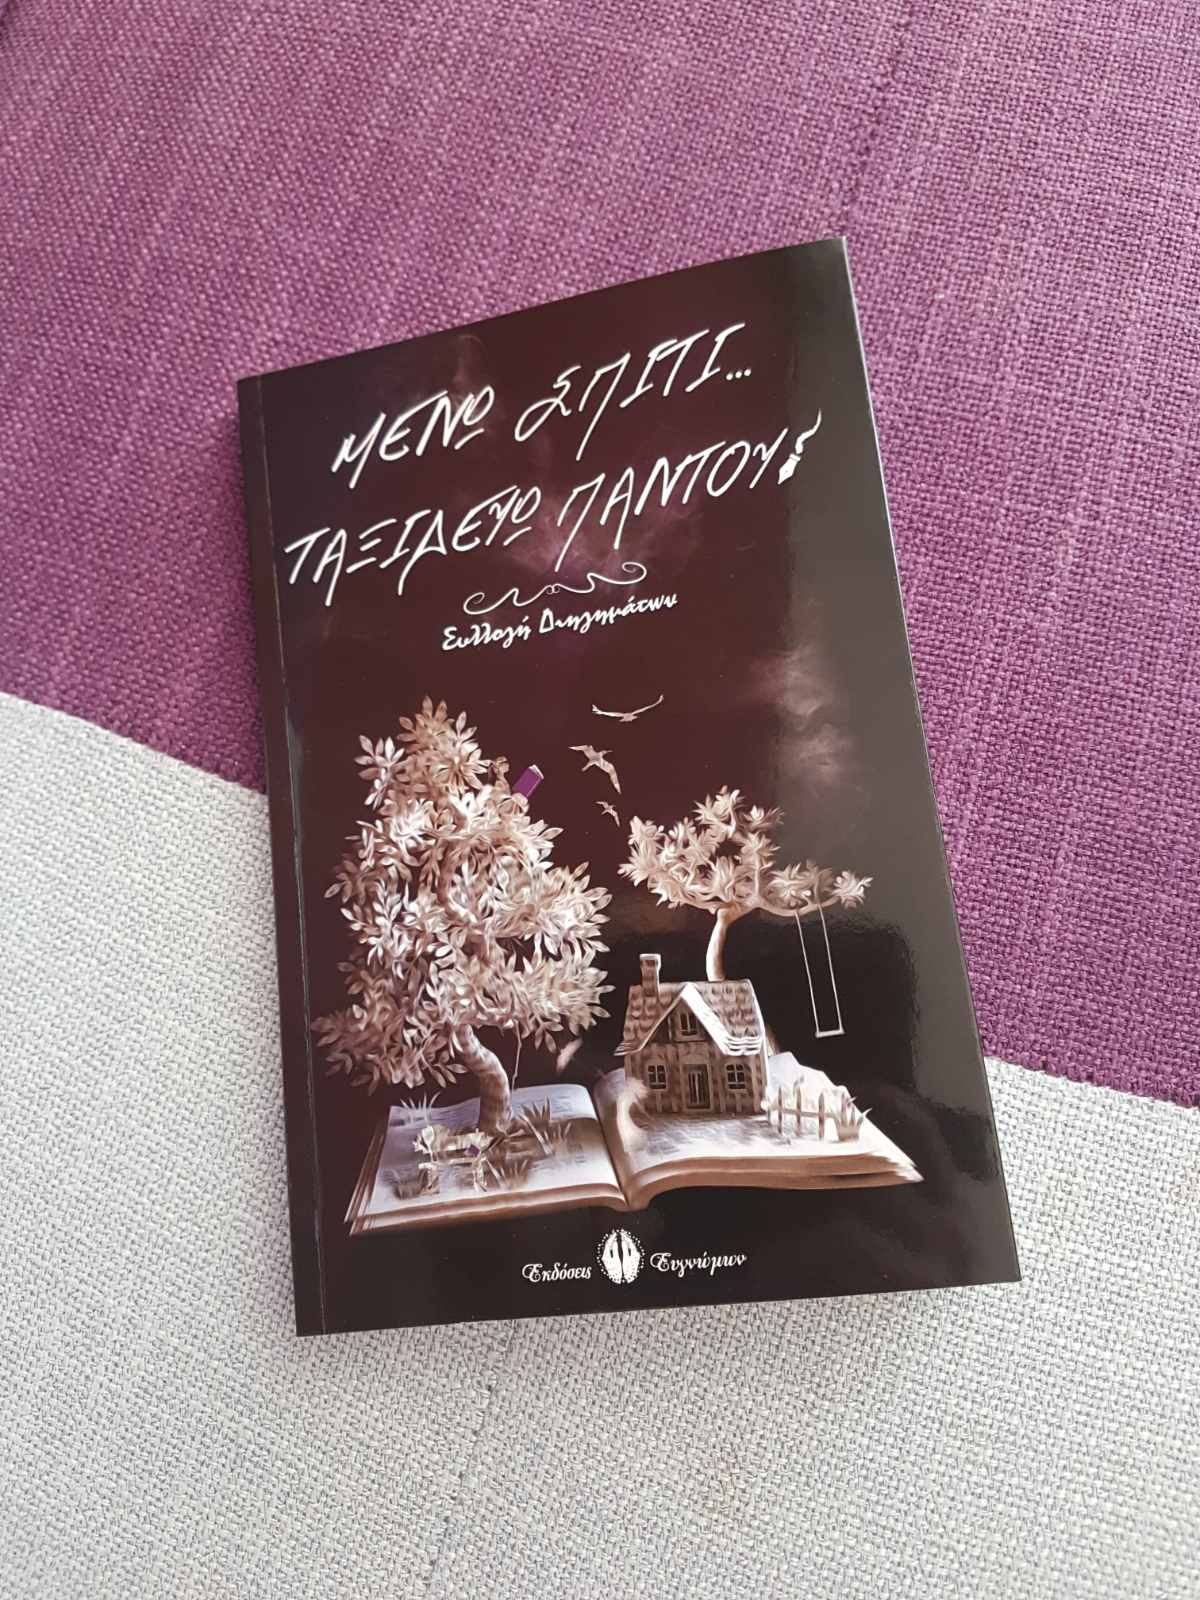 Το διήγημα της μαθήτριάς μας Αγάπης Σιδηροπούλου βραβεύεται στο διαγωνισμό «Μένω σπίτι… Ταξιδεύω Παντού!»